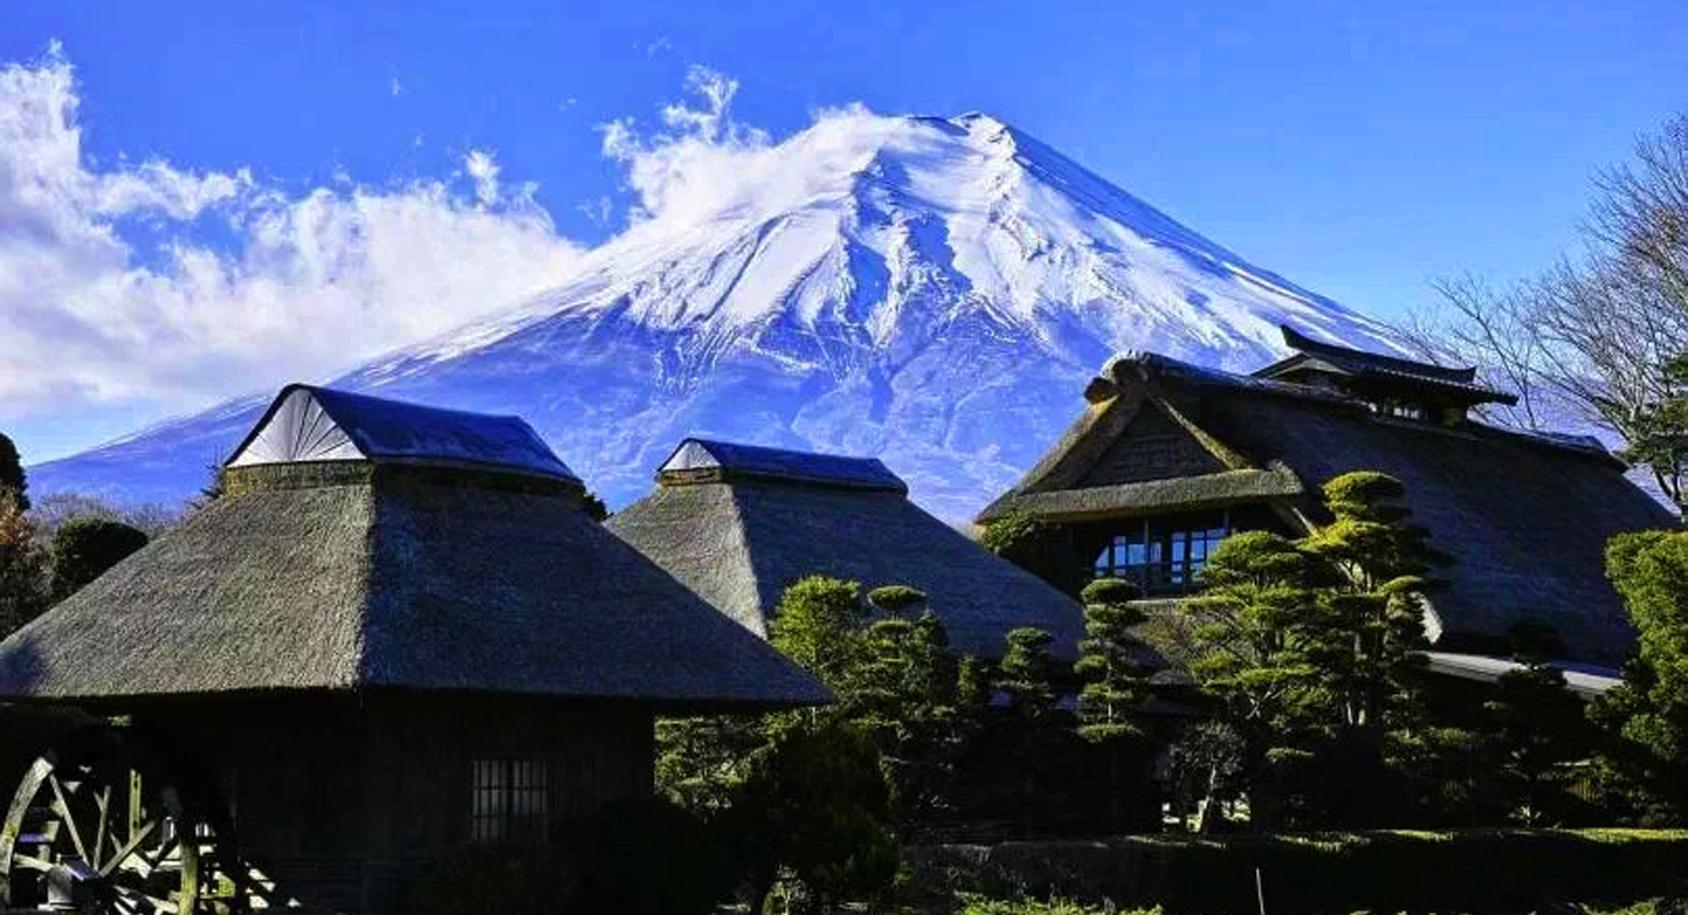 富士山是活火山还是死火山(日本为什么不怕富士山喷发)